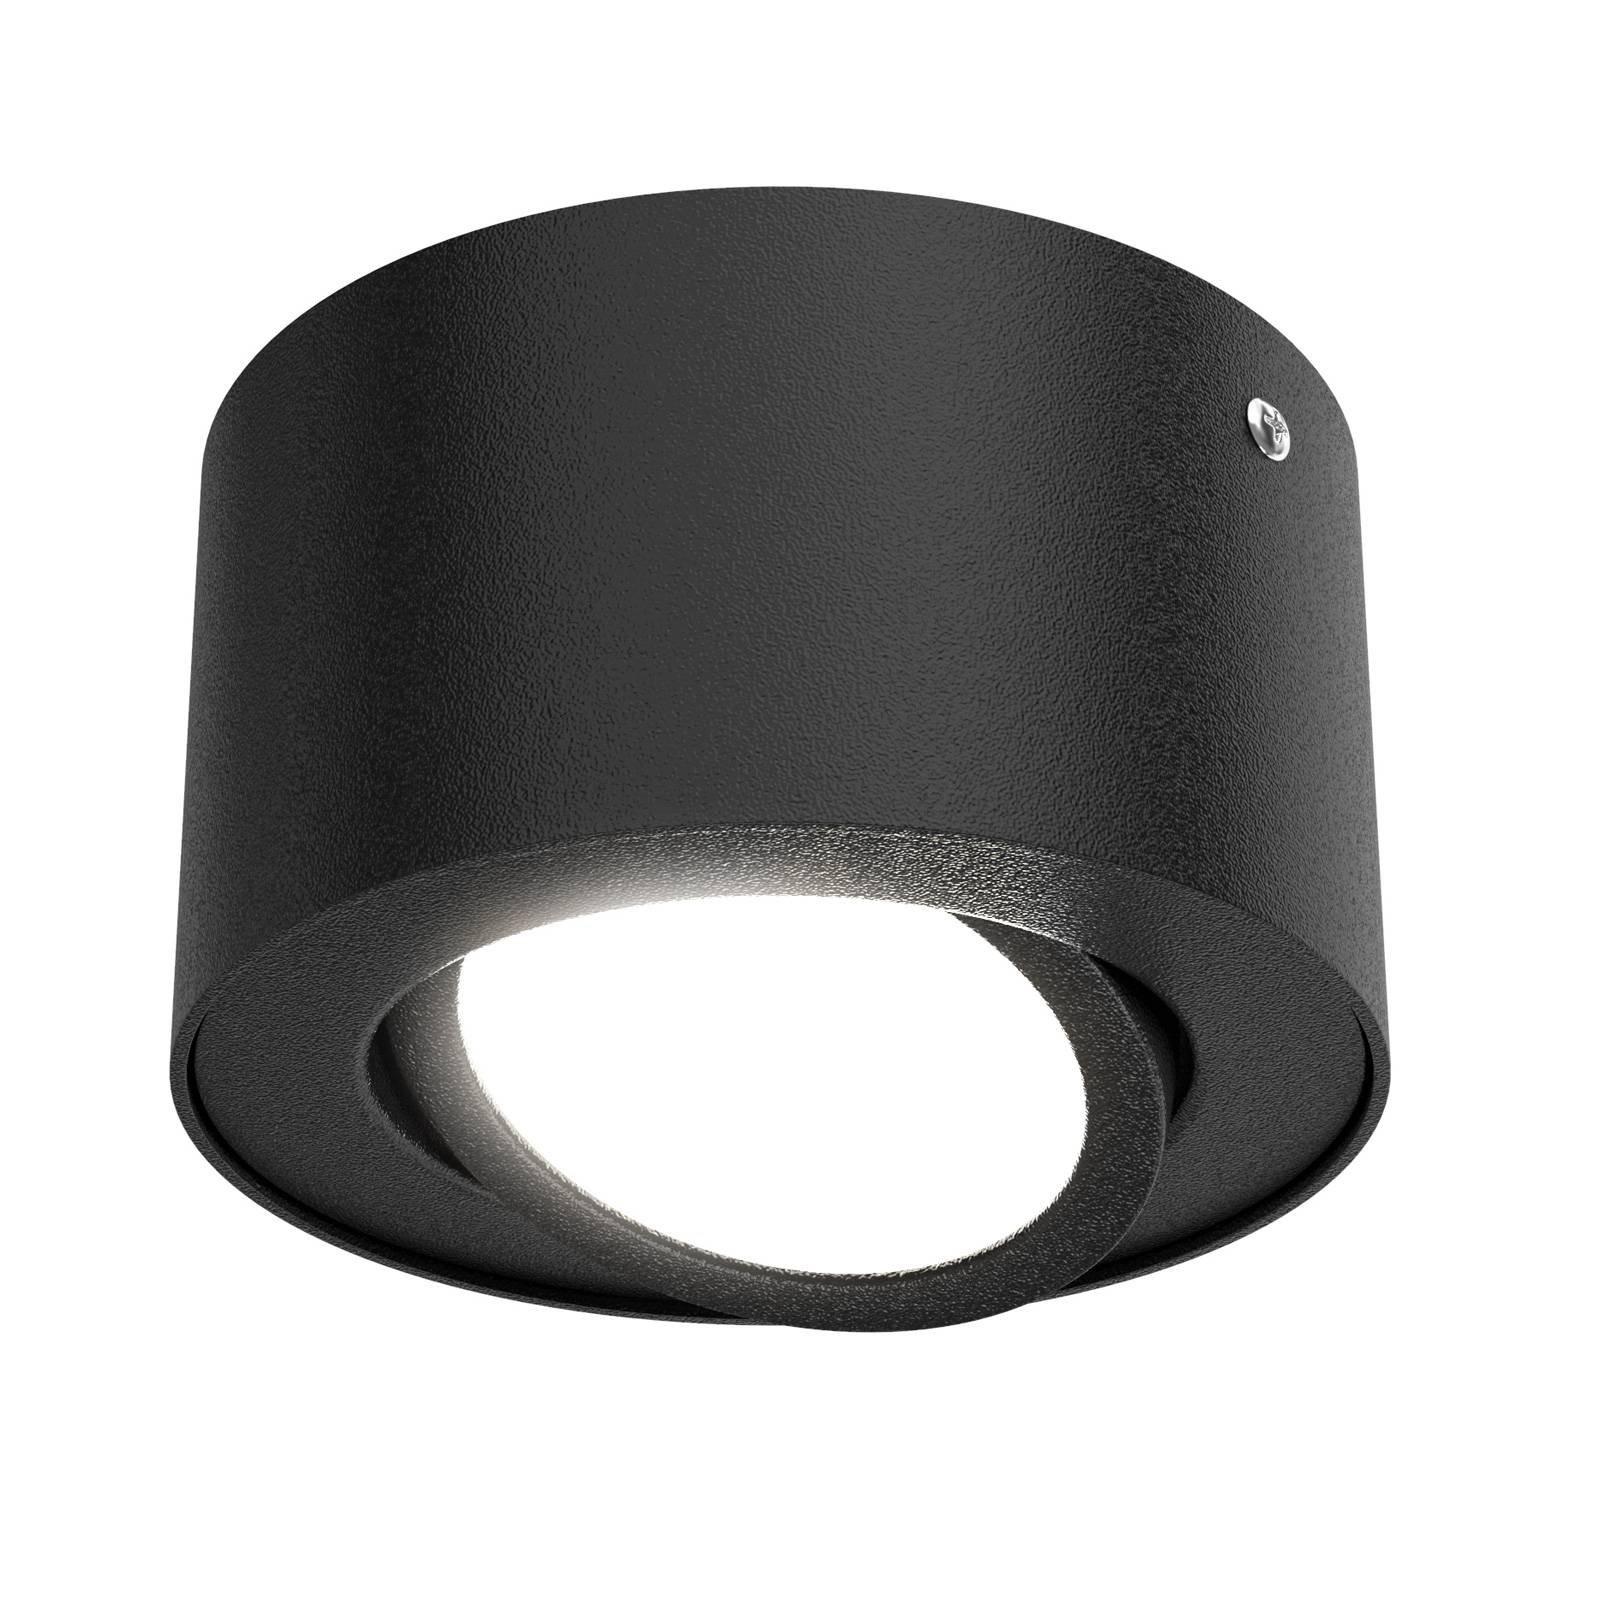 LED-takspot Tube 7121-015 i svart